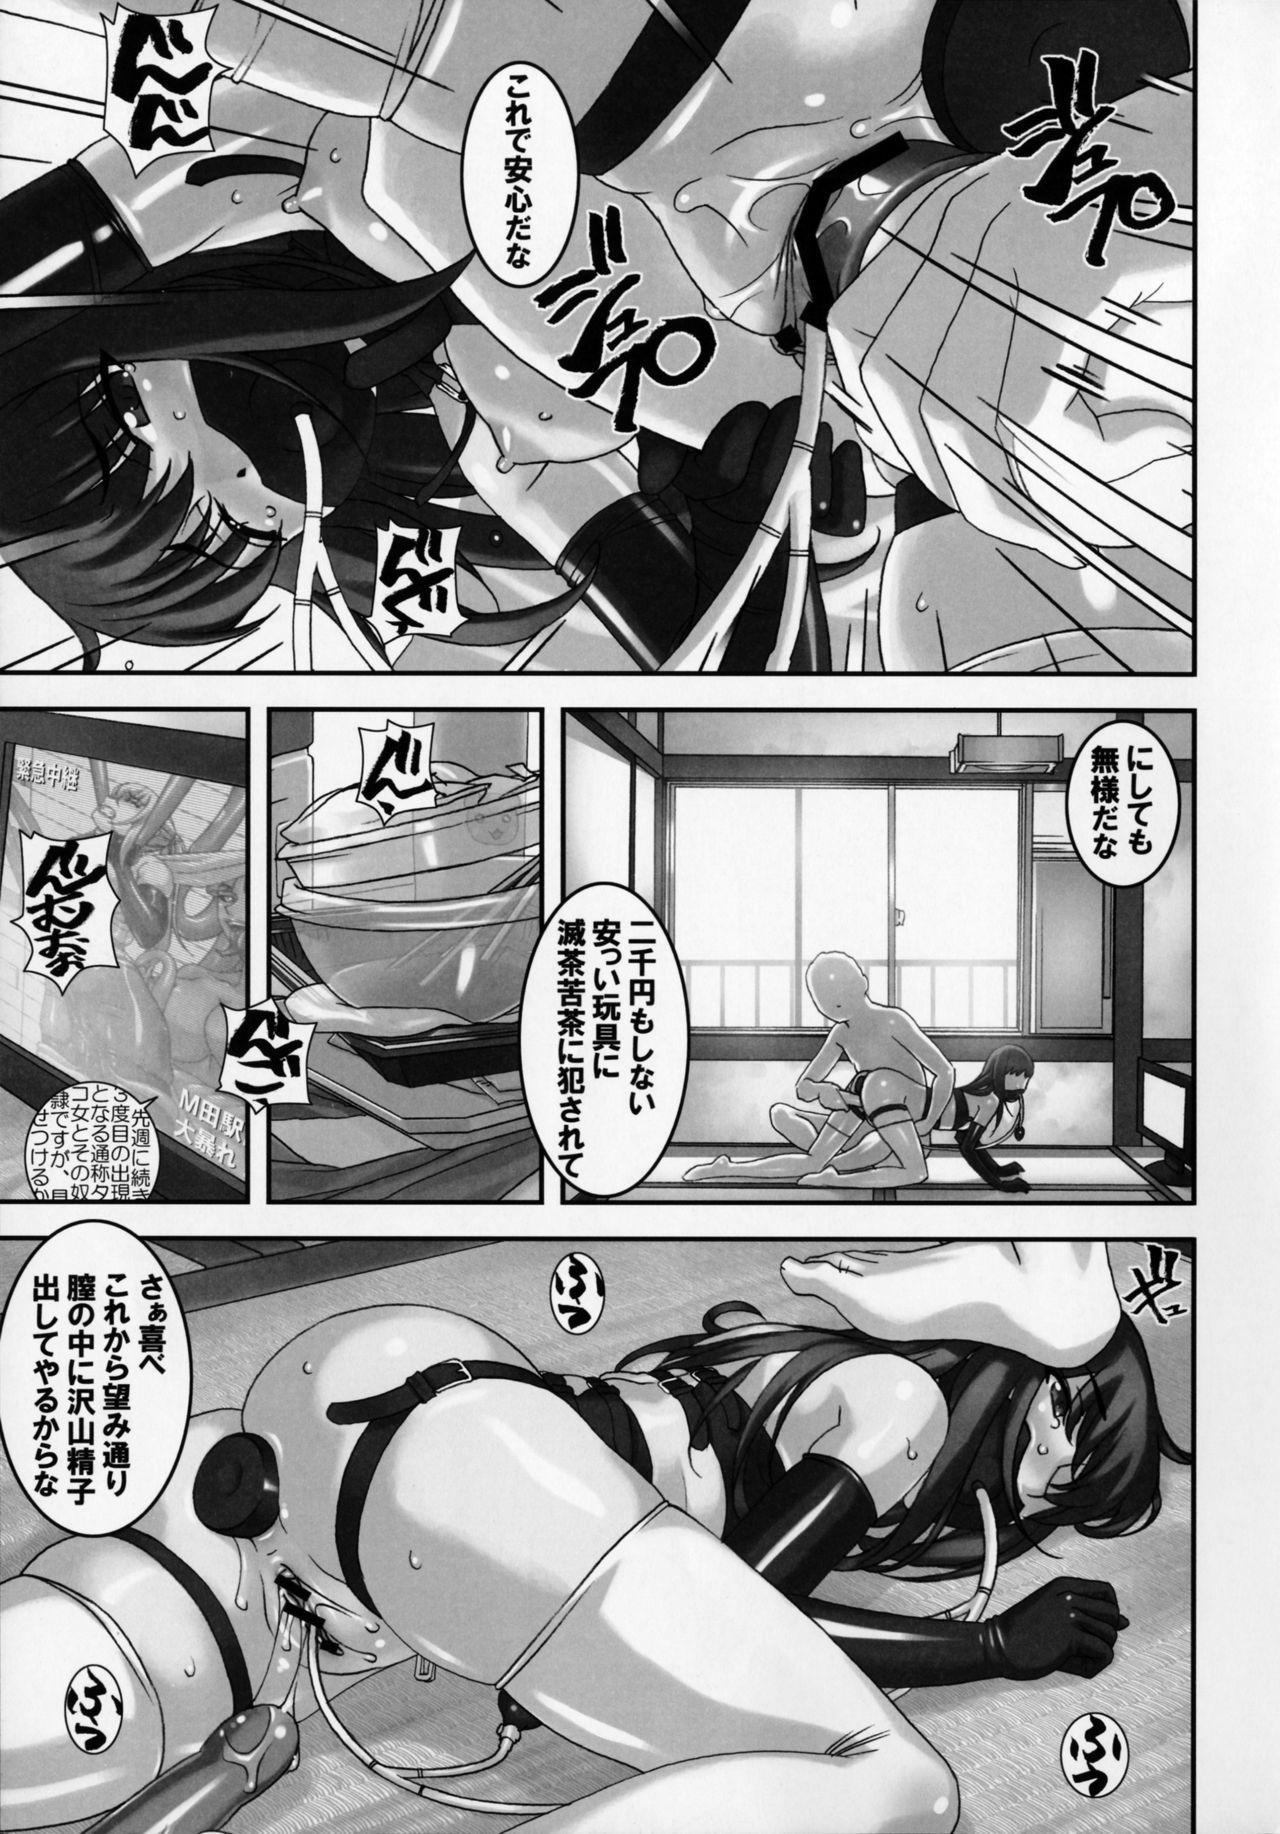 (C90) [Tairikukan Dandoudan Dan (Sakura Romako)] Funabashi1-38-4 13